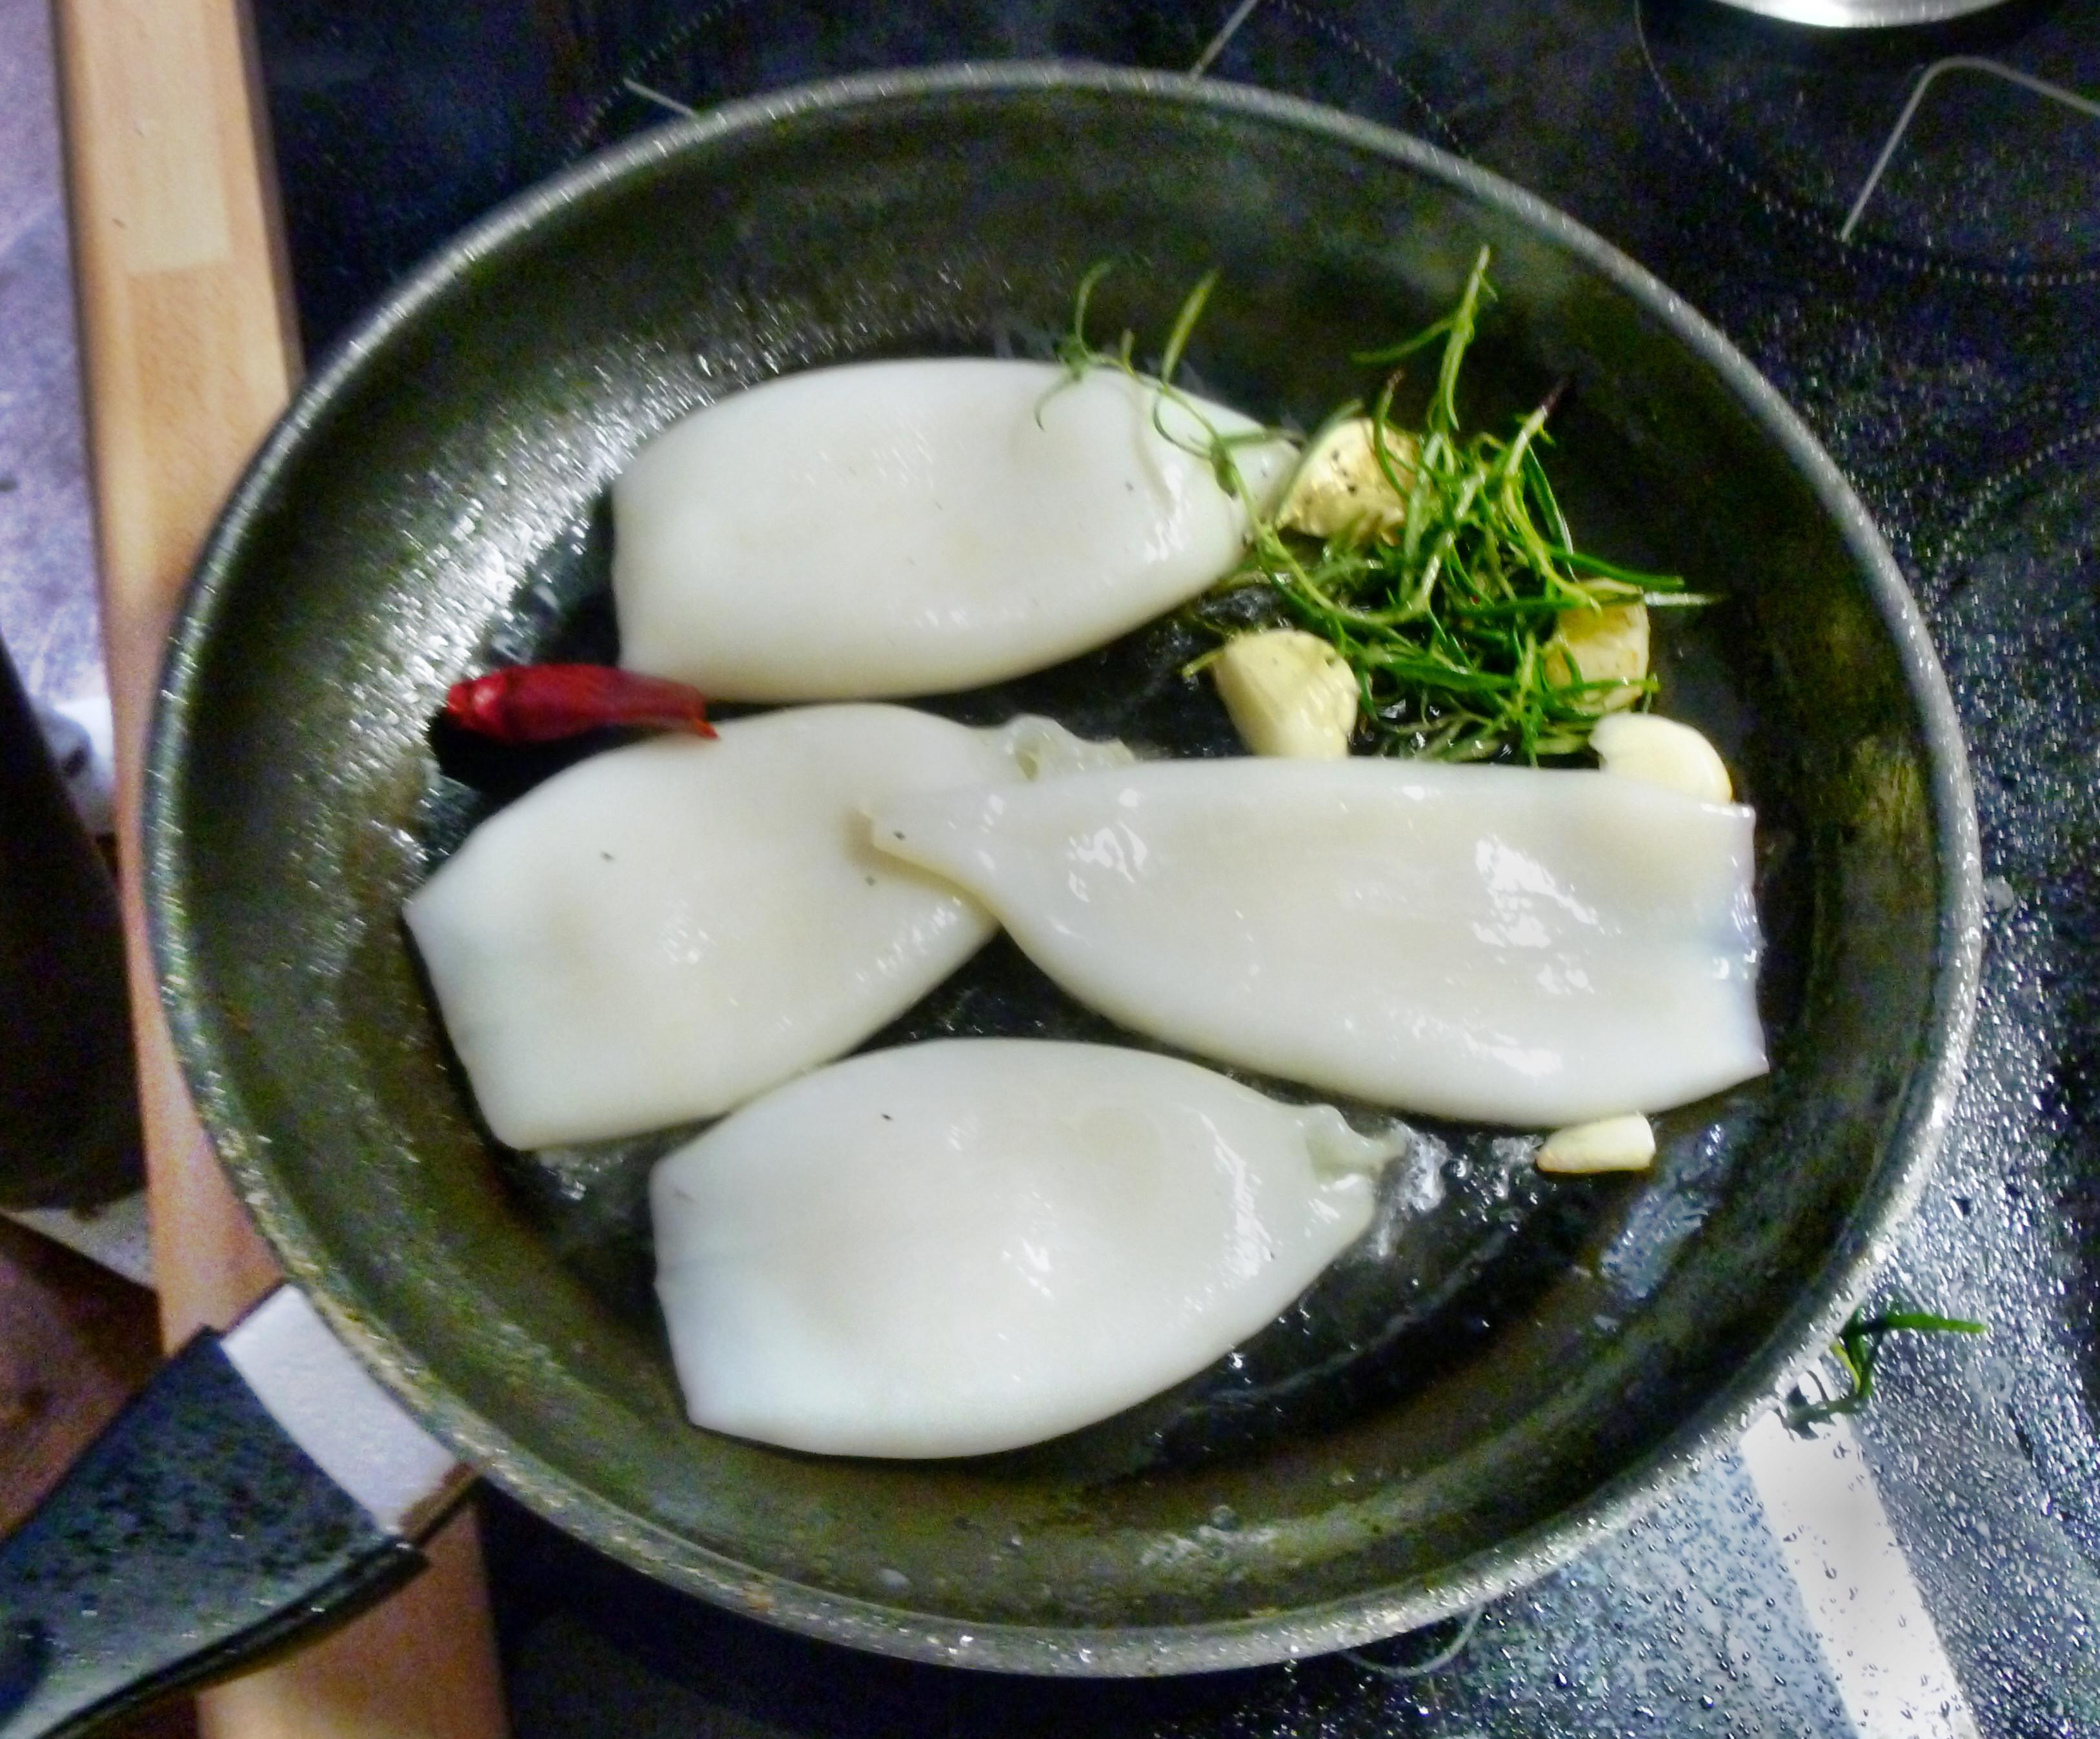 Tintenfisch Tuben,Reis,Tomatensalat,Melone -18.7.15   (1a)